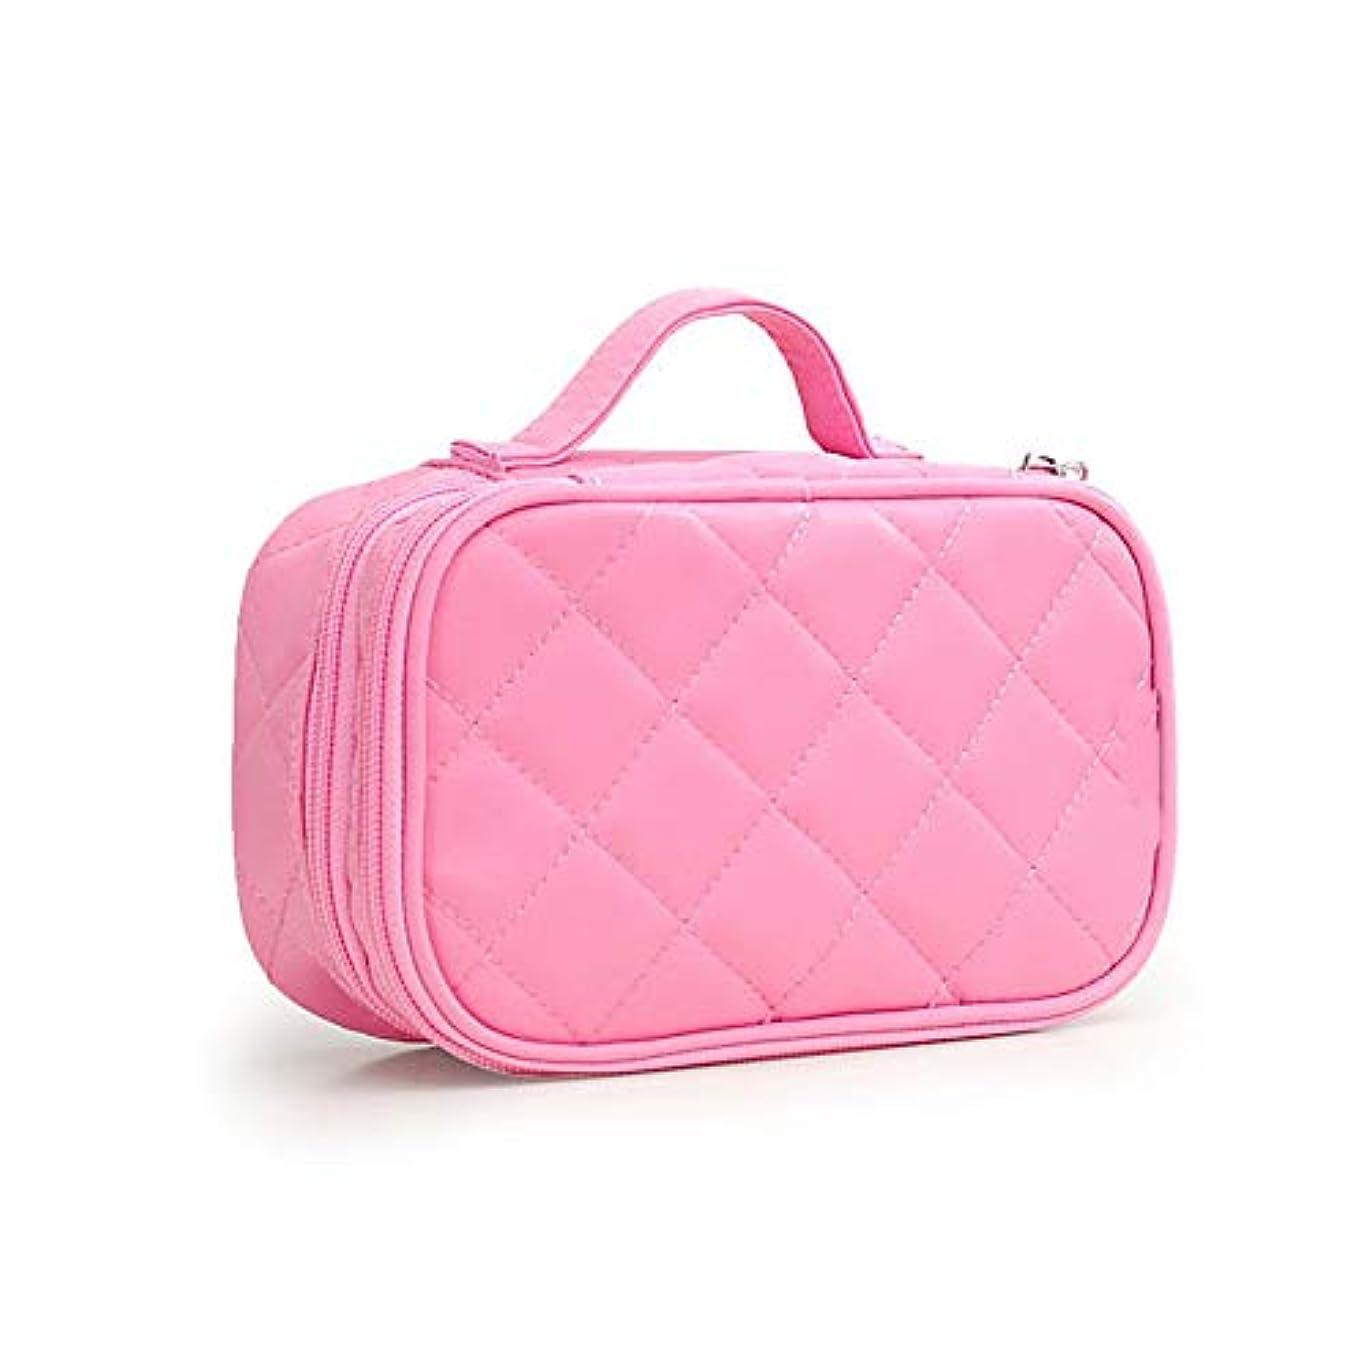 聴衆フィードバックテザー化粧オーガナイザーバッグ 女性の化粧品バッグのポータブル韓国語バージョン創造的な ナイロン防水洗浄バッグ。 化粧品ケース (色 : ピンク)